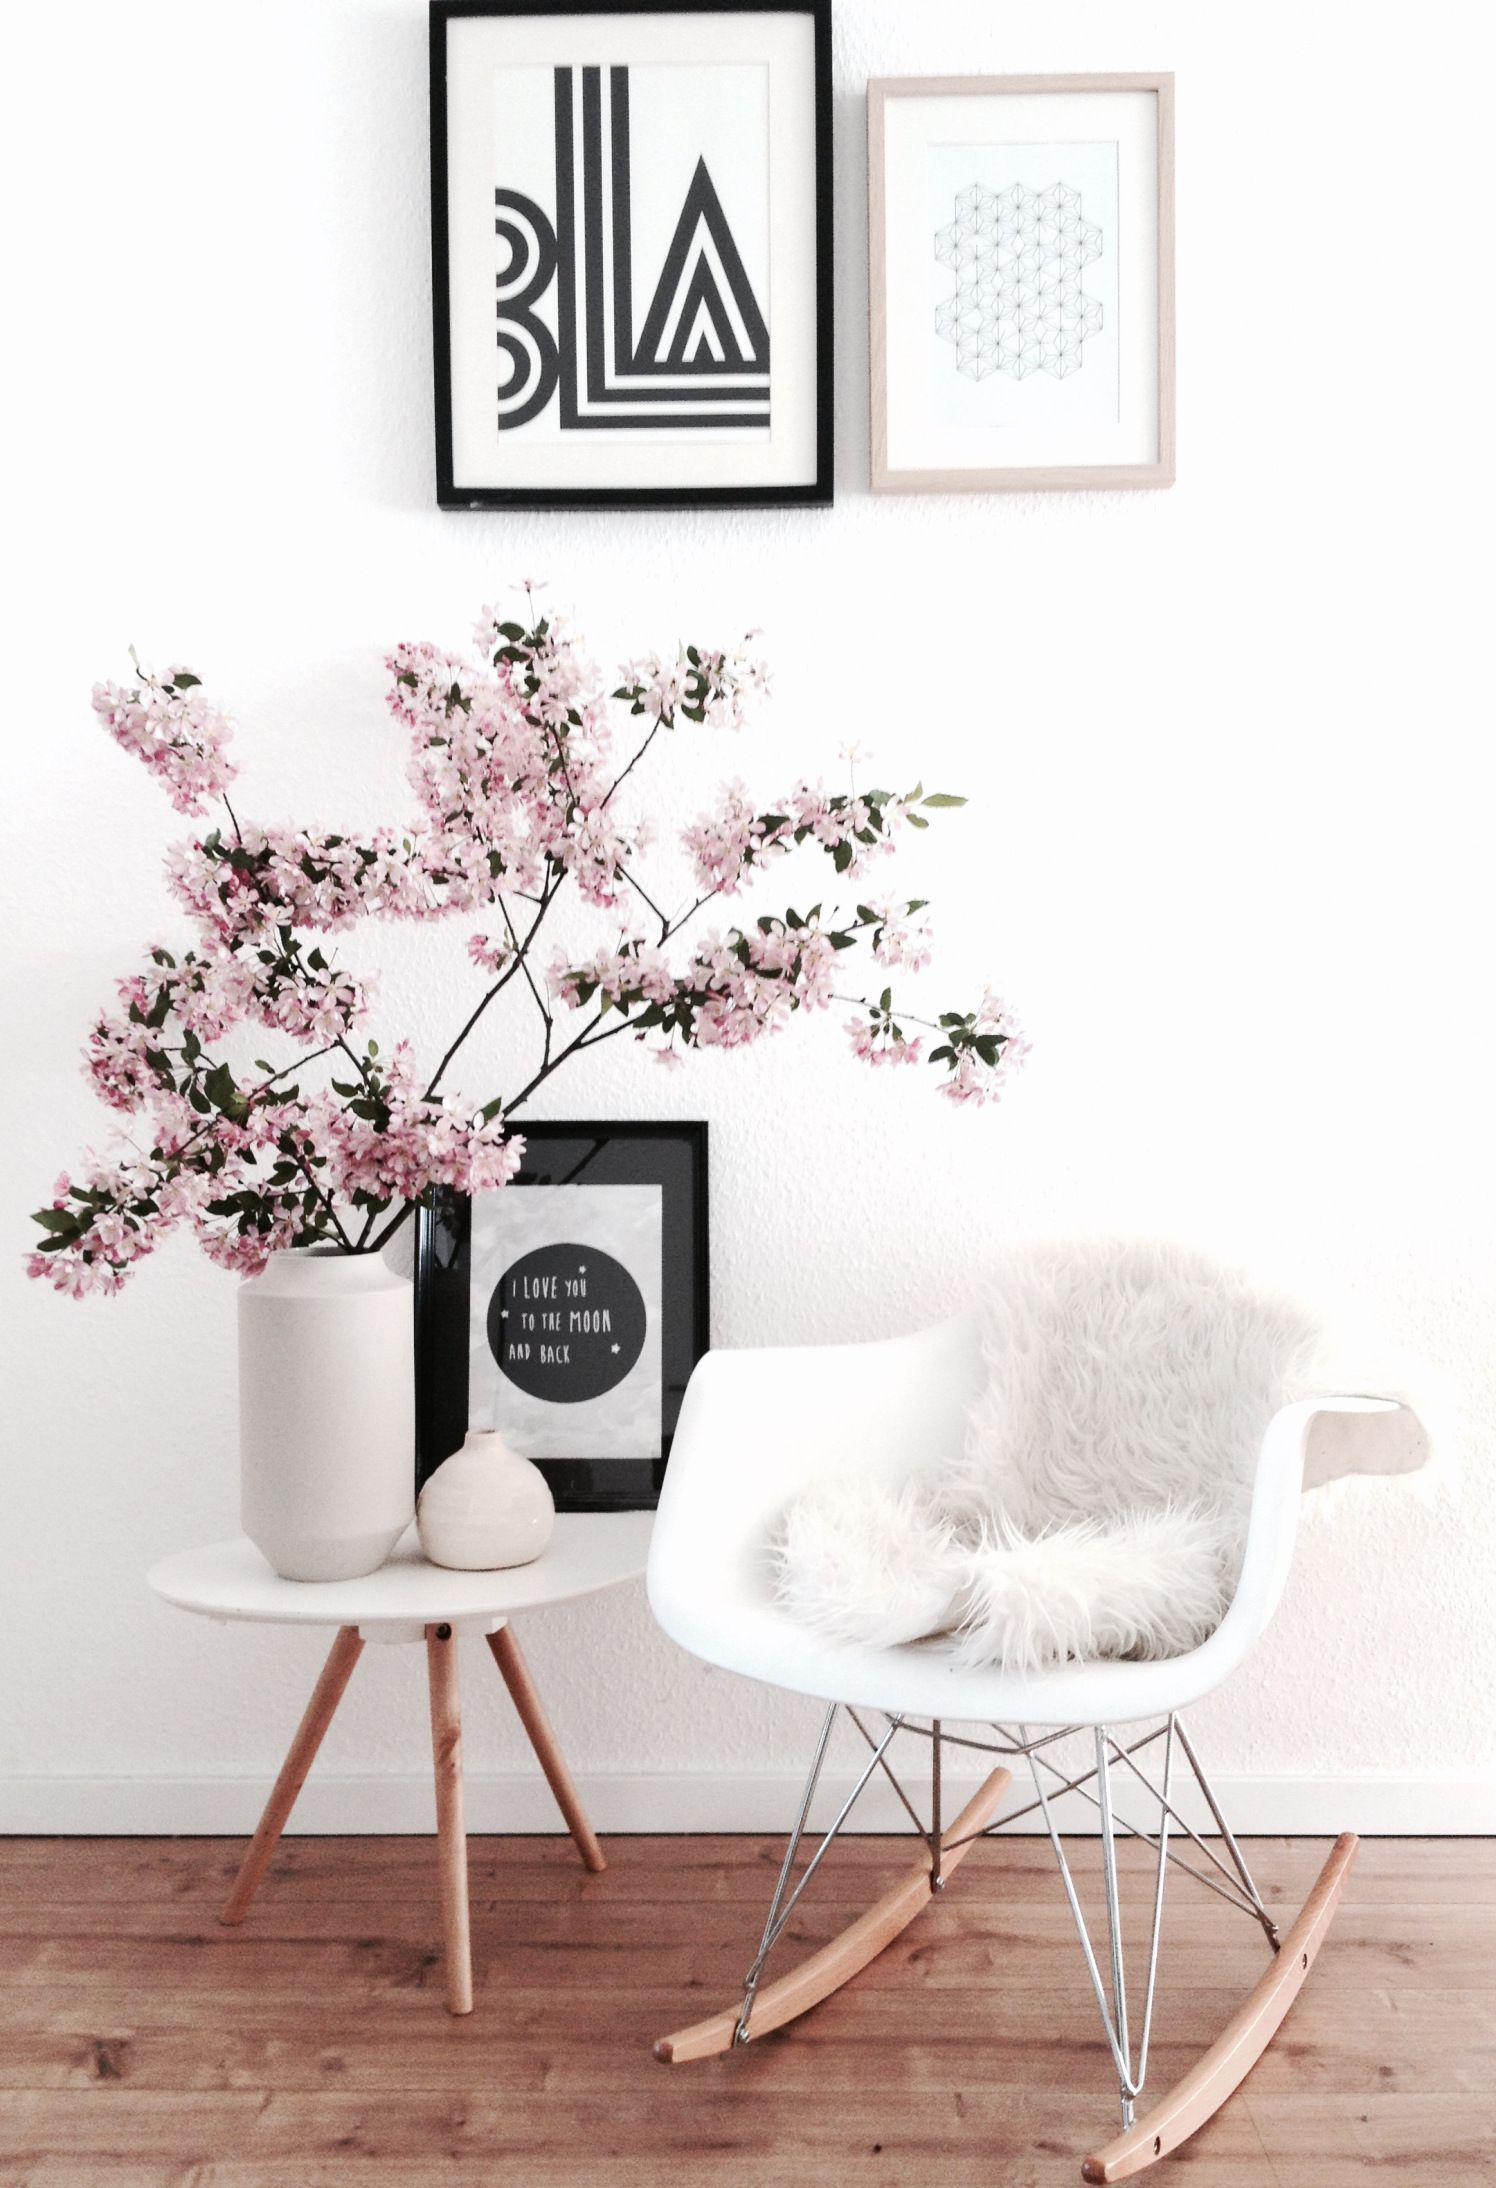 Skandinavisches Interiordesign ° Charles Eames Schaukelstuhl Mit  Typografieposter Und Kirschblütenzweigen